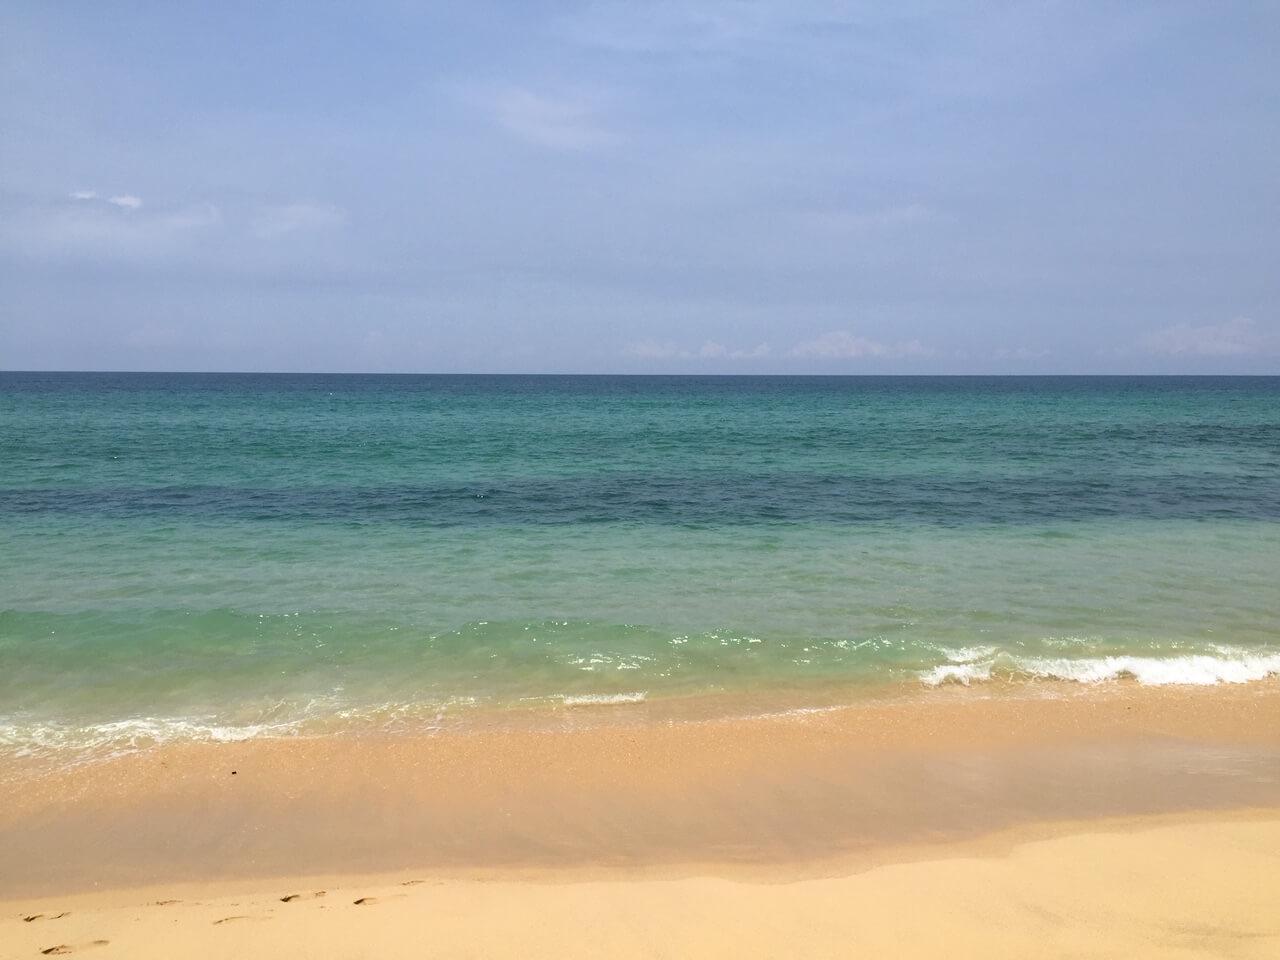 ナイトンビーチ